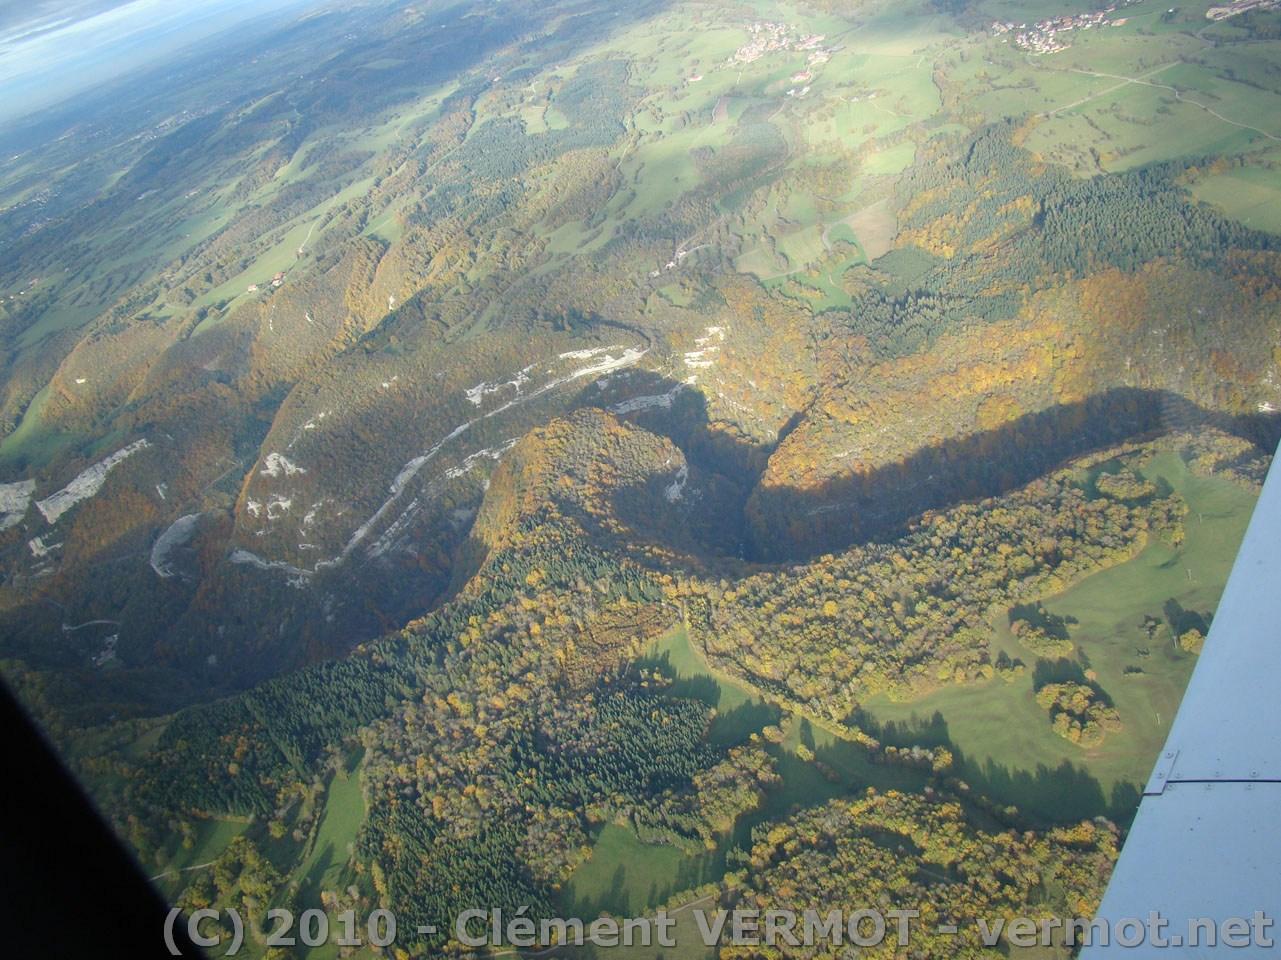 La vallée d'Ornans, sympa en automne